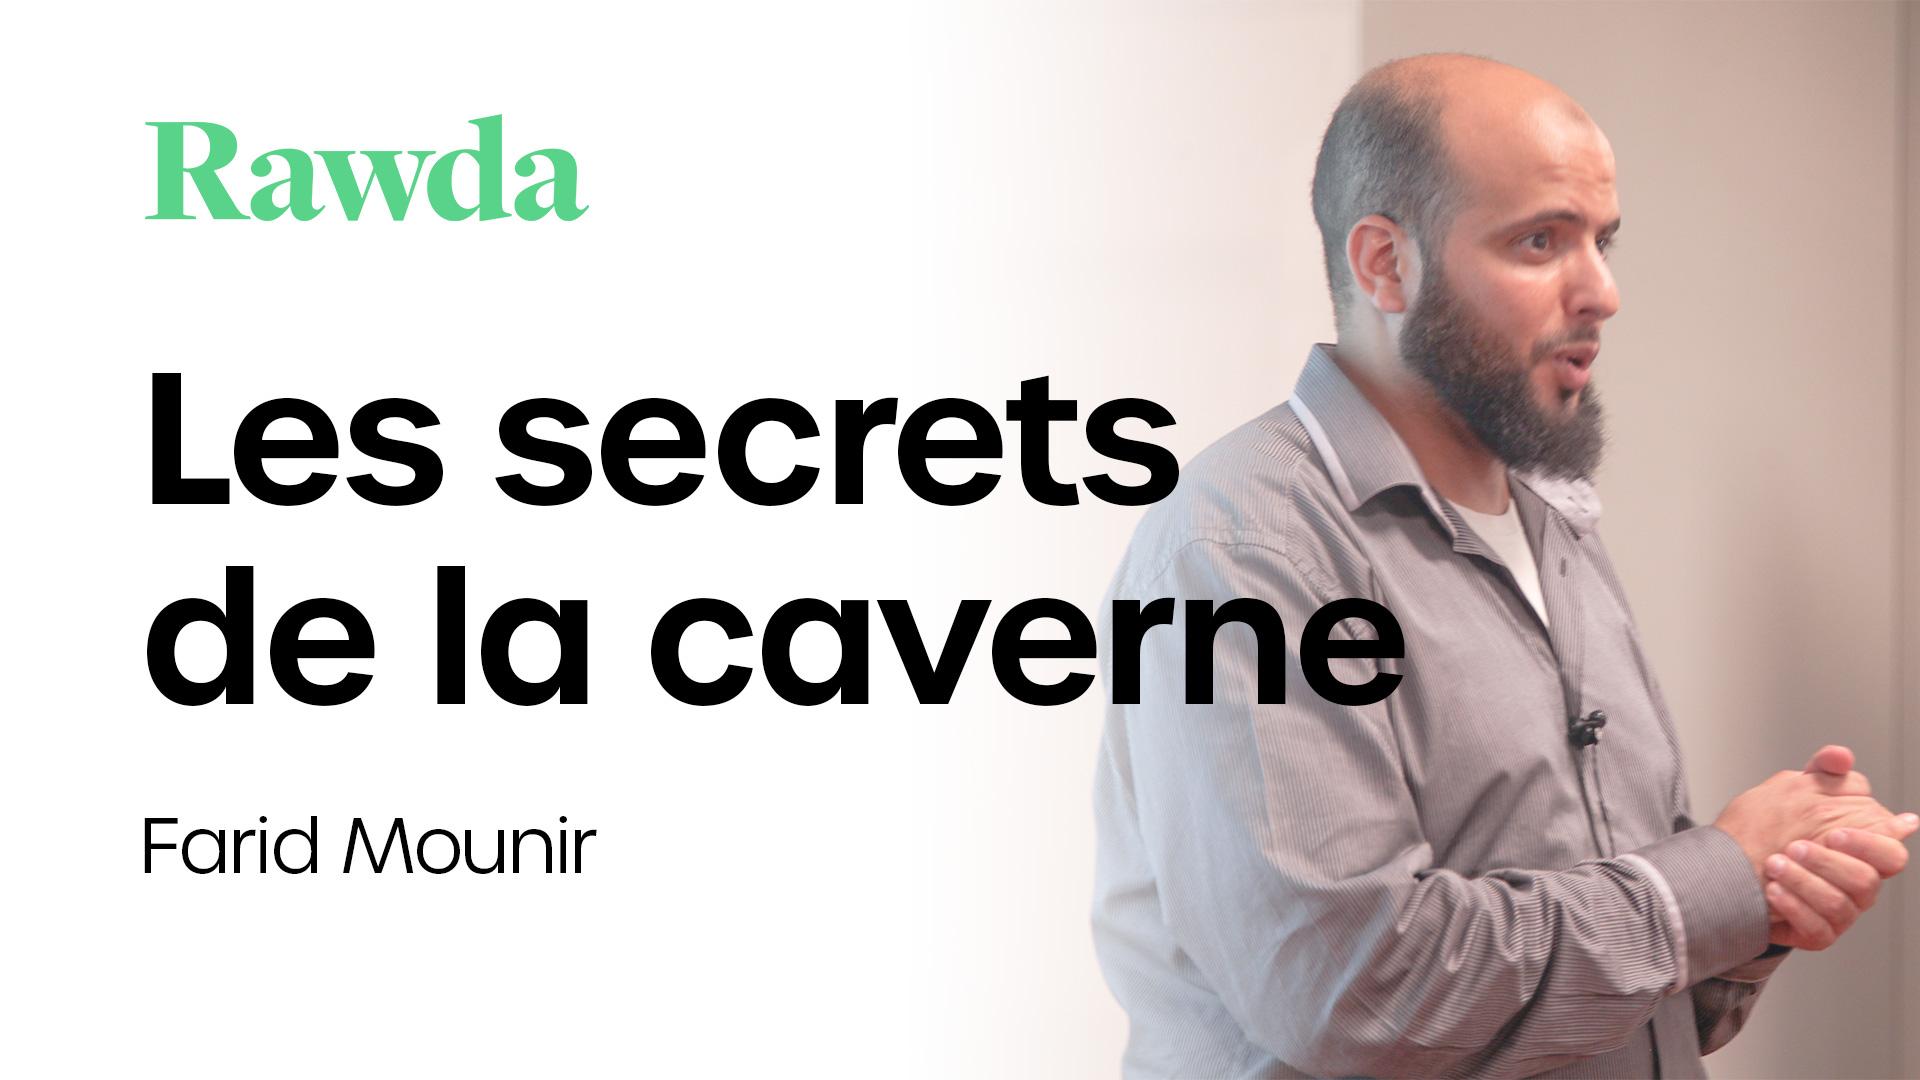 Miniature du cours : les secrets de la caverne